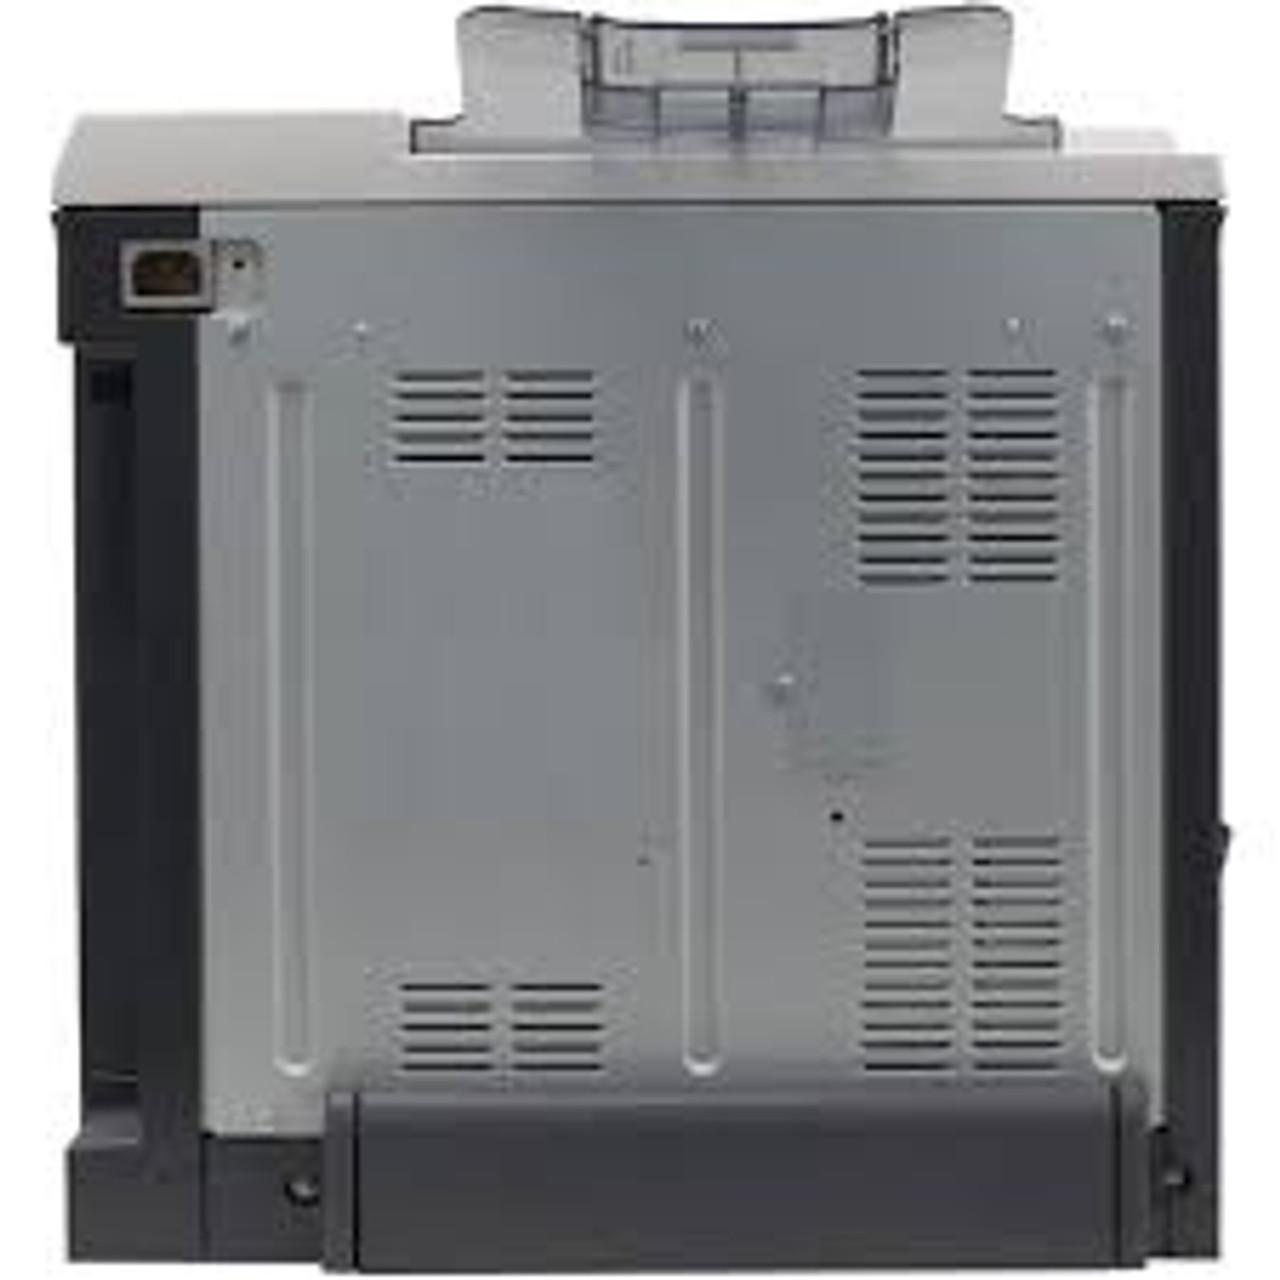 HP Color LaserJet 3800 - Q5981A - HP Laser Printer for sale